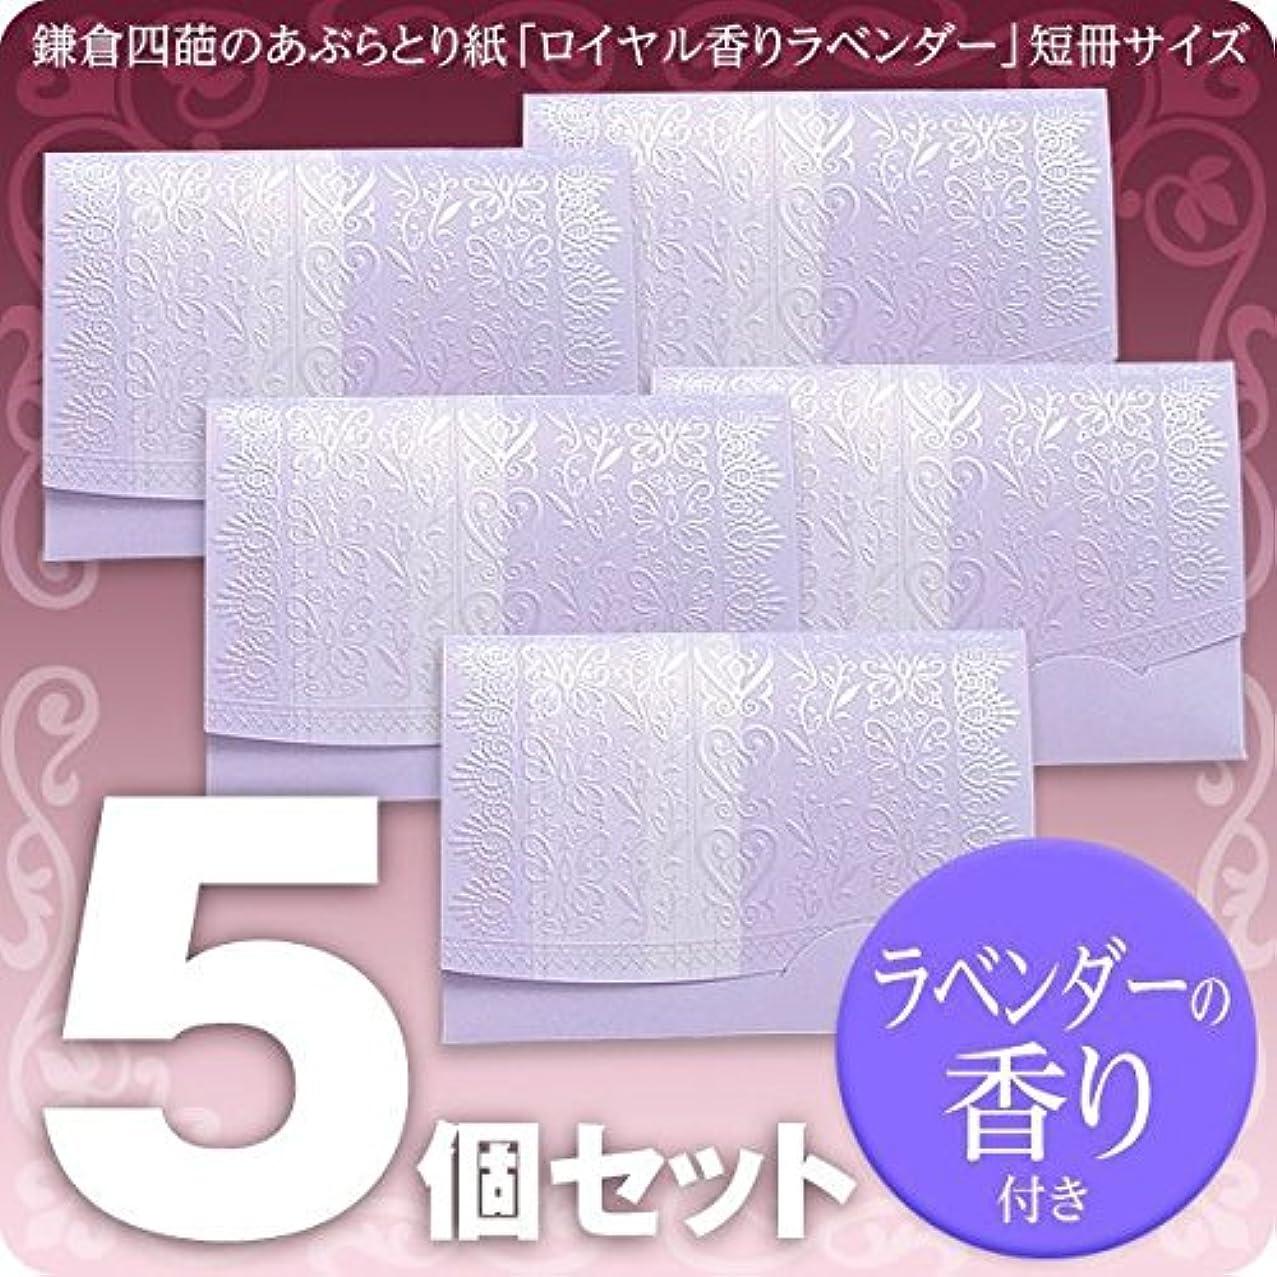 と遊ぶ上に築きます遠い鎌倉四葩のあぶらとり紙 ロイヤル香りラベンダー 短冊サイズ 5冊セット